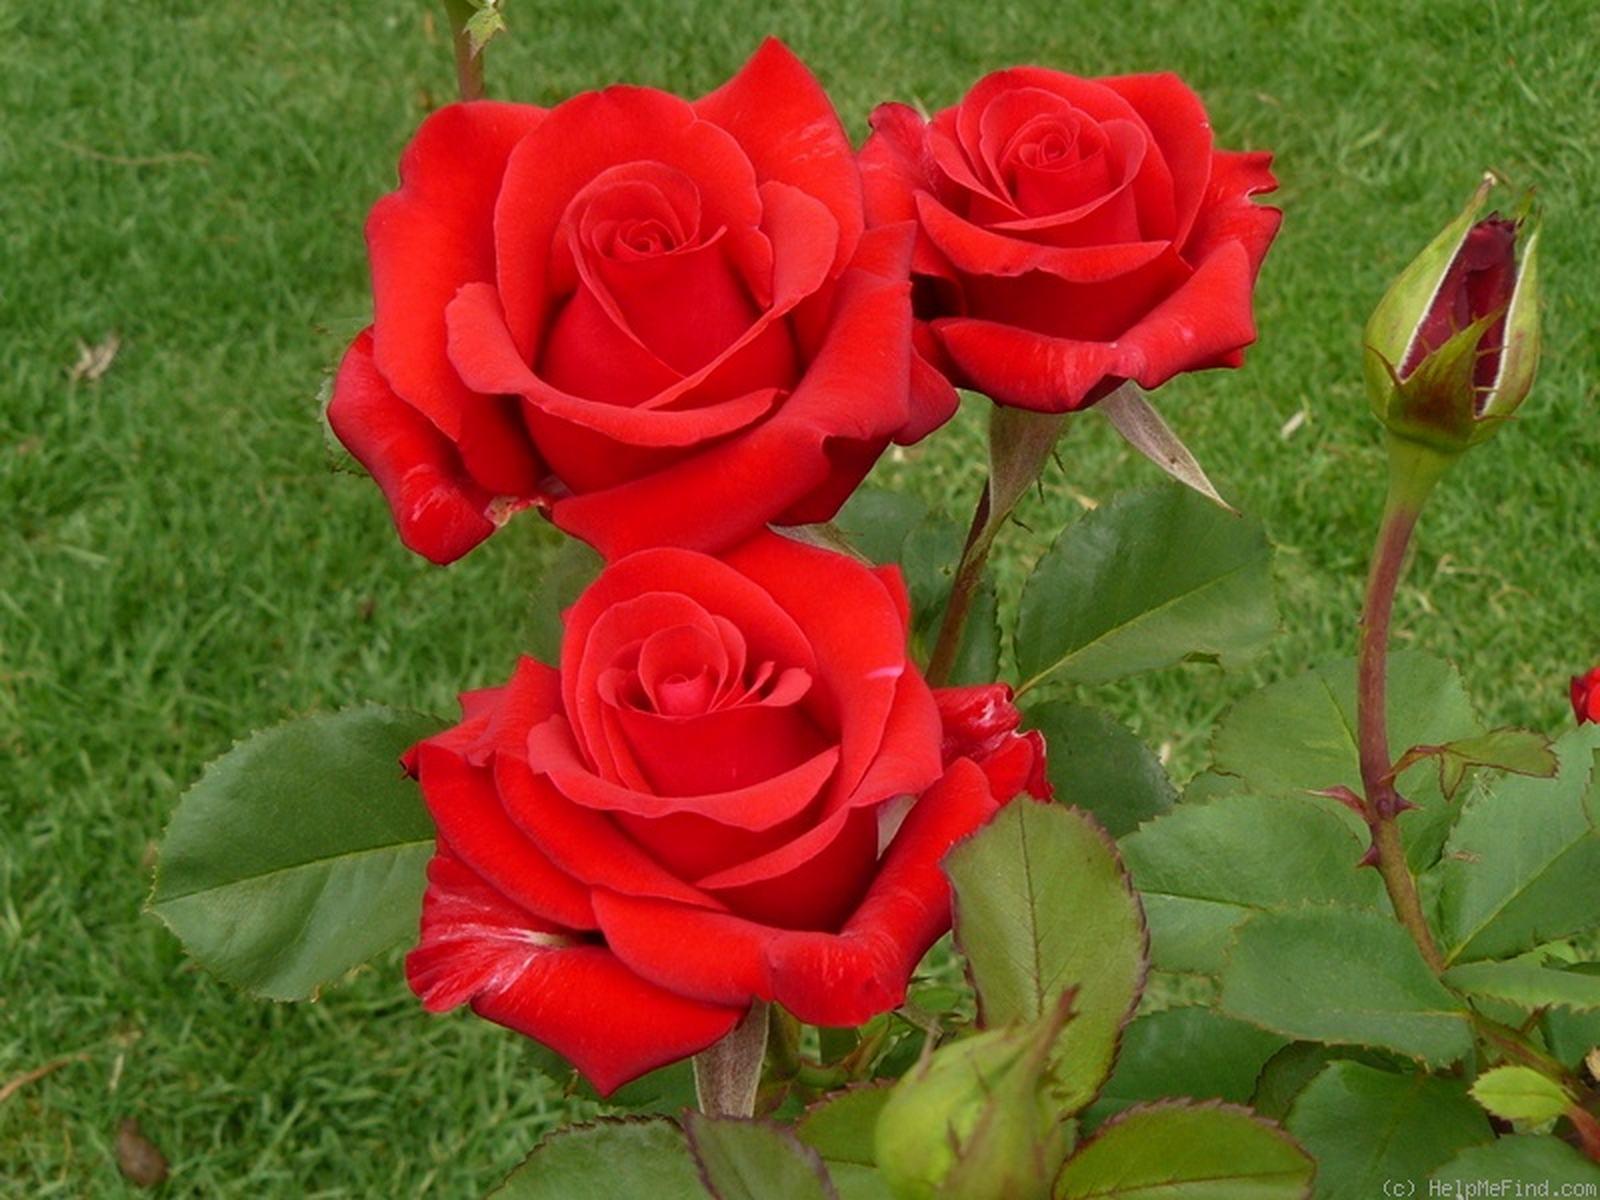 малышам розы кардинал фото различных моделей